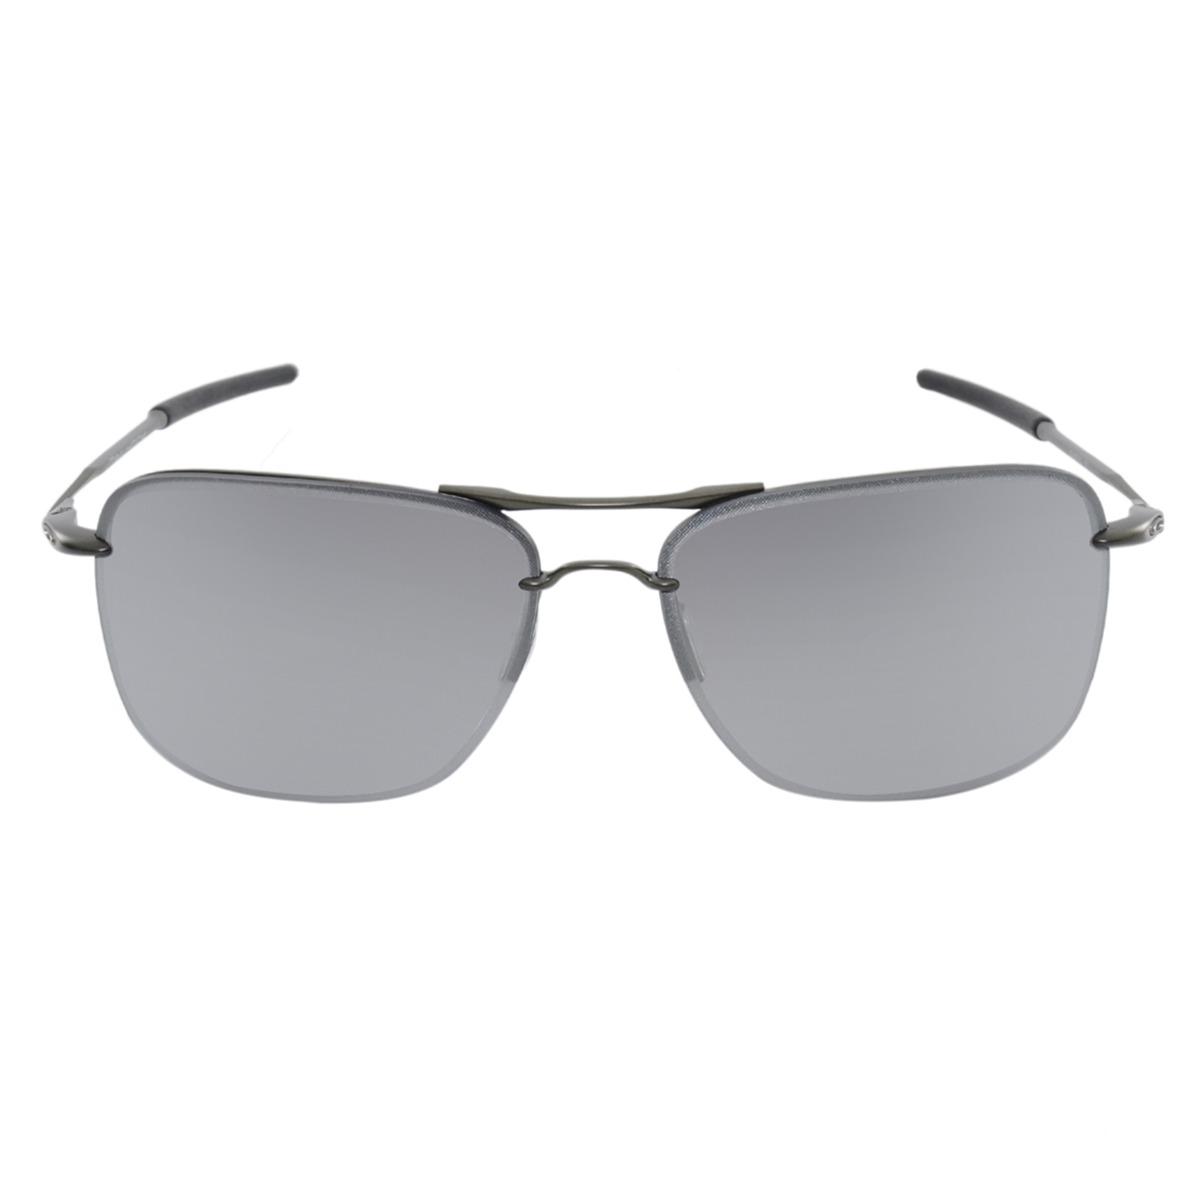 Óculos Oakley Tailhook Carbon Chrome - R  390,00 em Mercado Livre 797713c340